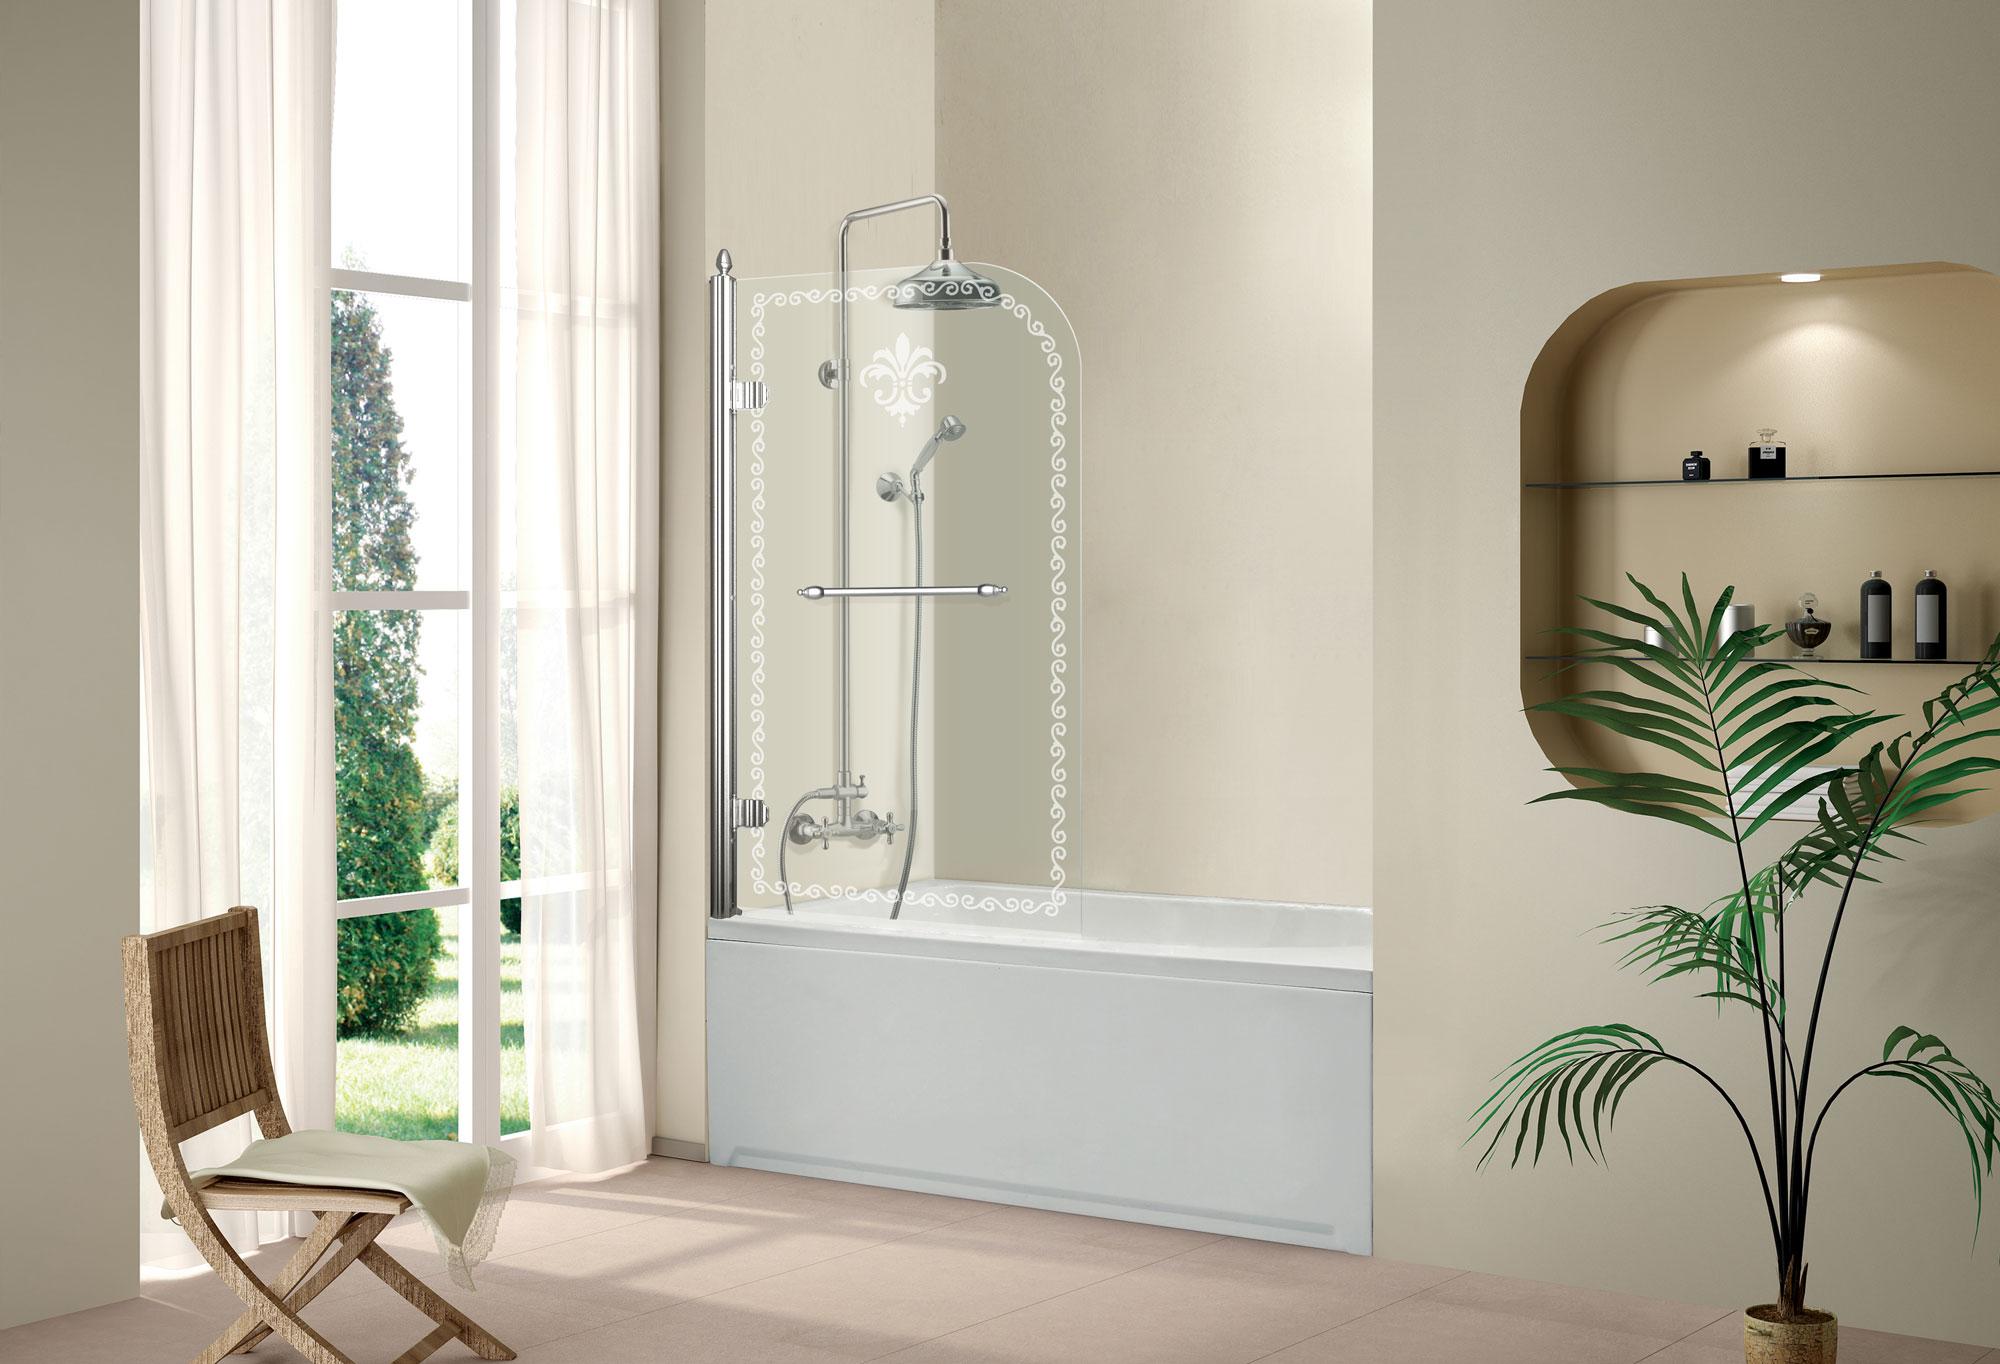 Выбираем стеклянные или пластиковые шторы для ванной в кризис